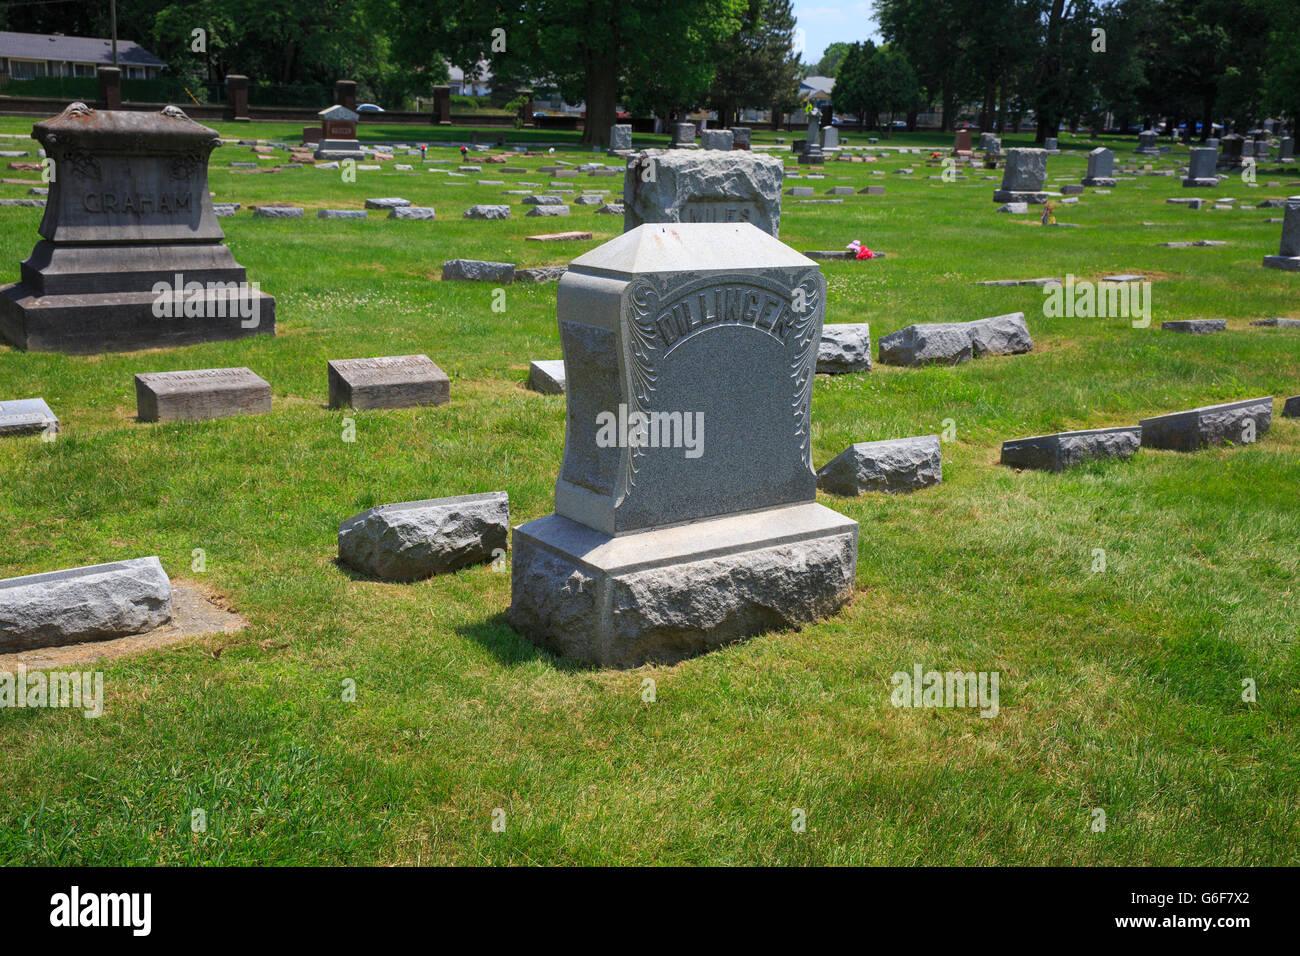 Family headstone of the family of John Herbert Dillinger, American bank robber. - Stock Image